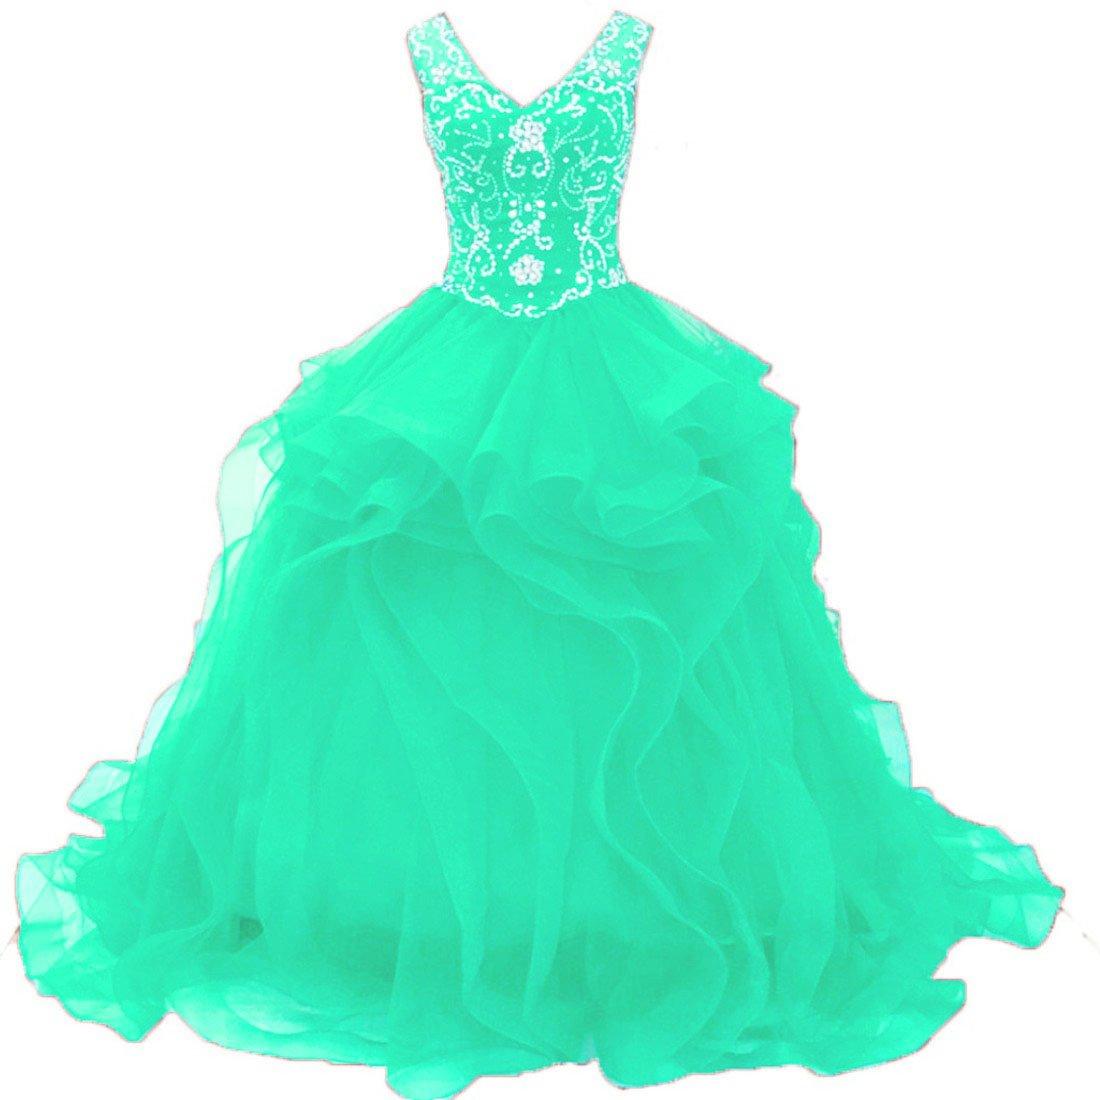 Cmint Diandiai Sweetheart Quinceanera Dress Beads Ruffles Ball Gown Prom Dress